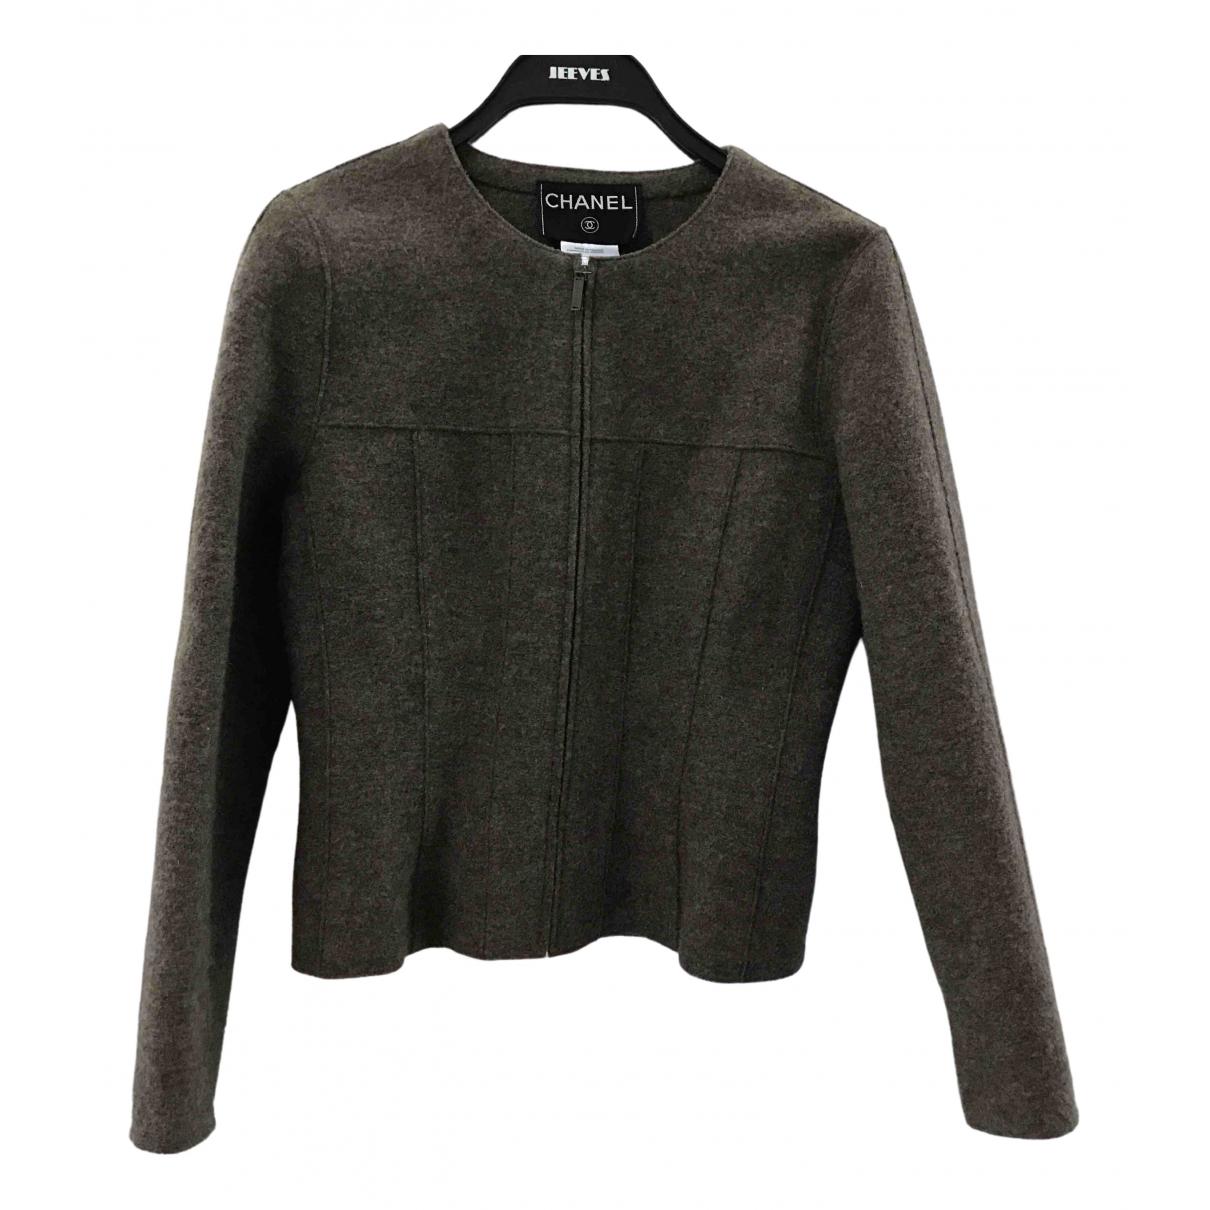 Chanel - Veste   pour femme en laine - marron